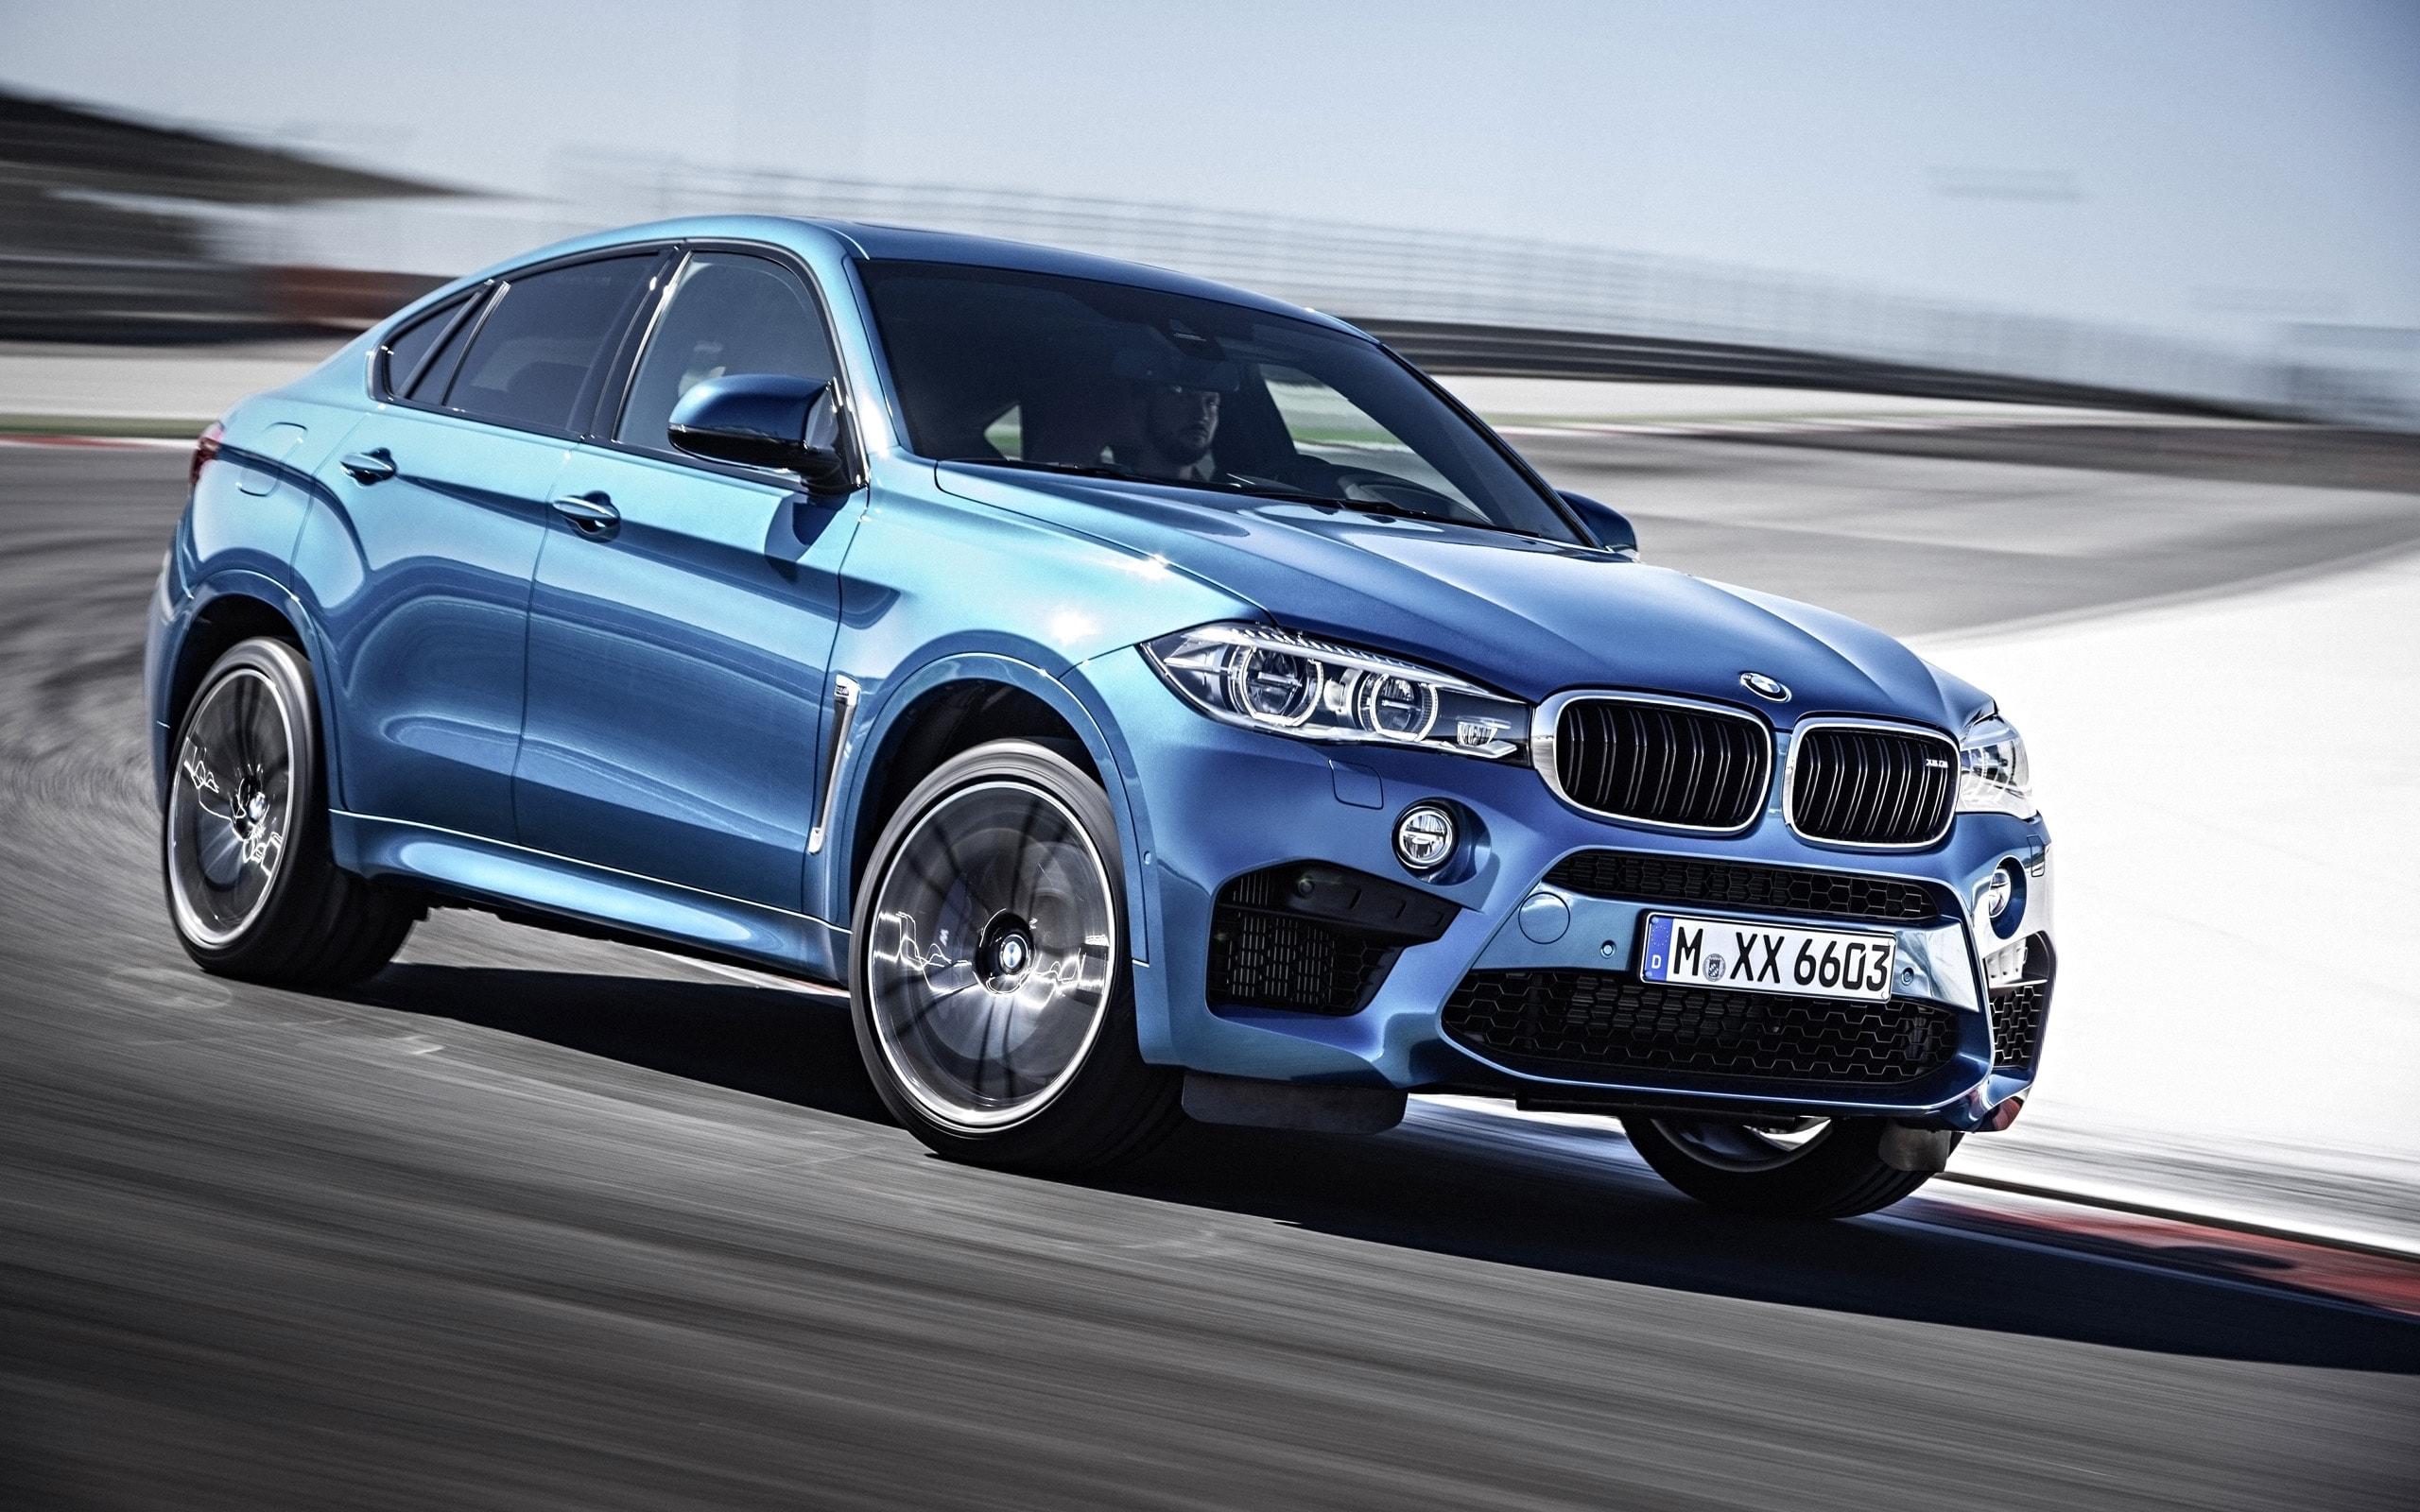 BMW X6 free